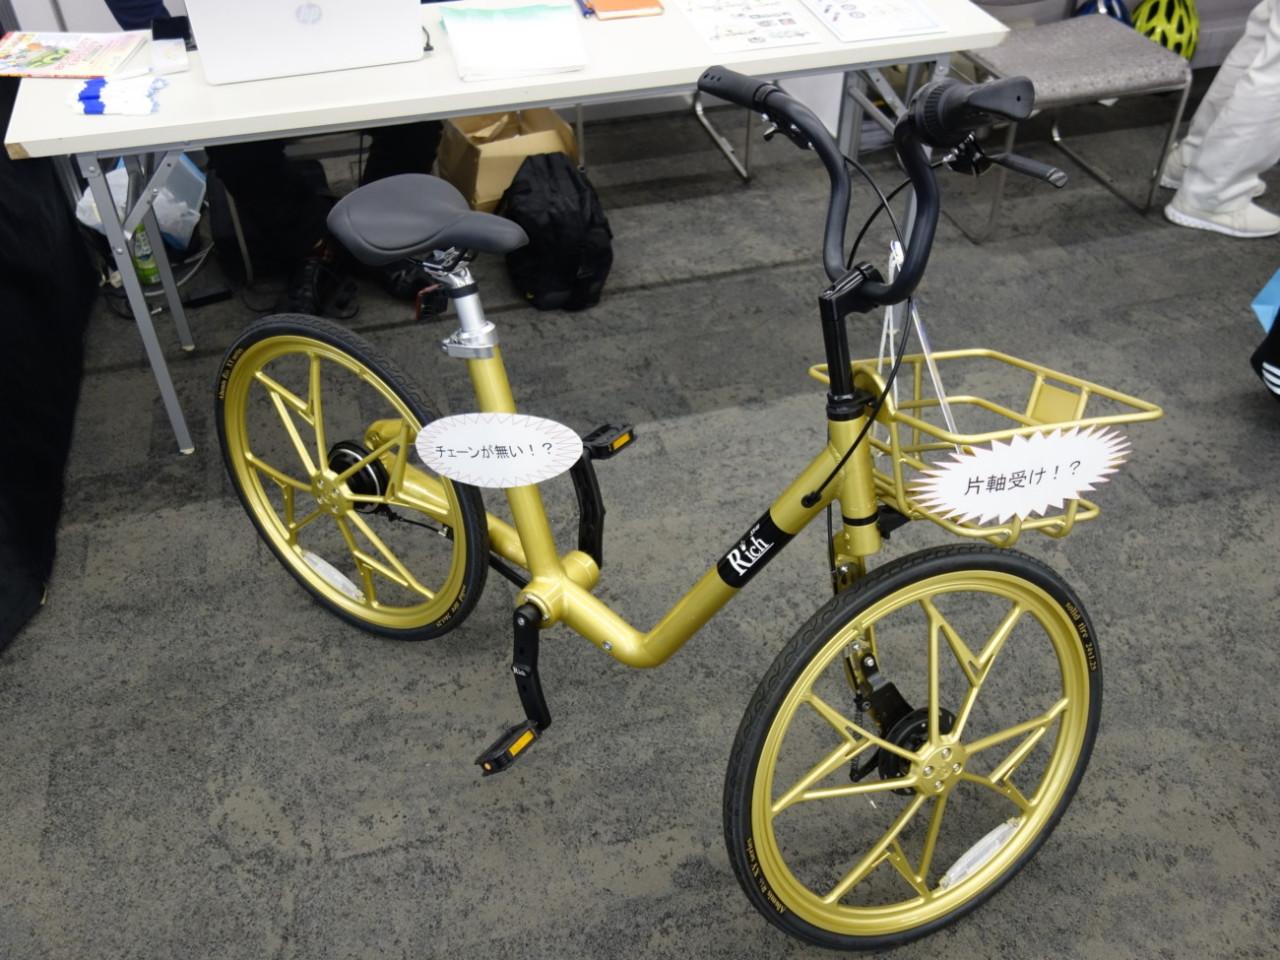 メンテナンスフリー自転車「アルミス・Rich」を解説